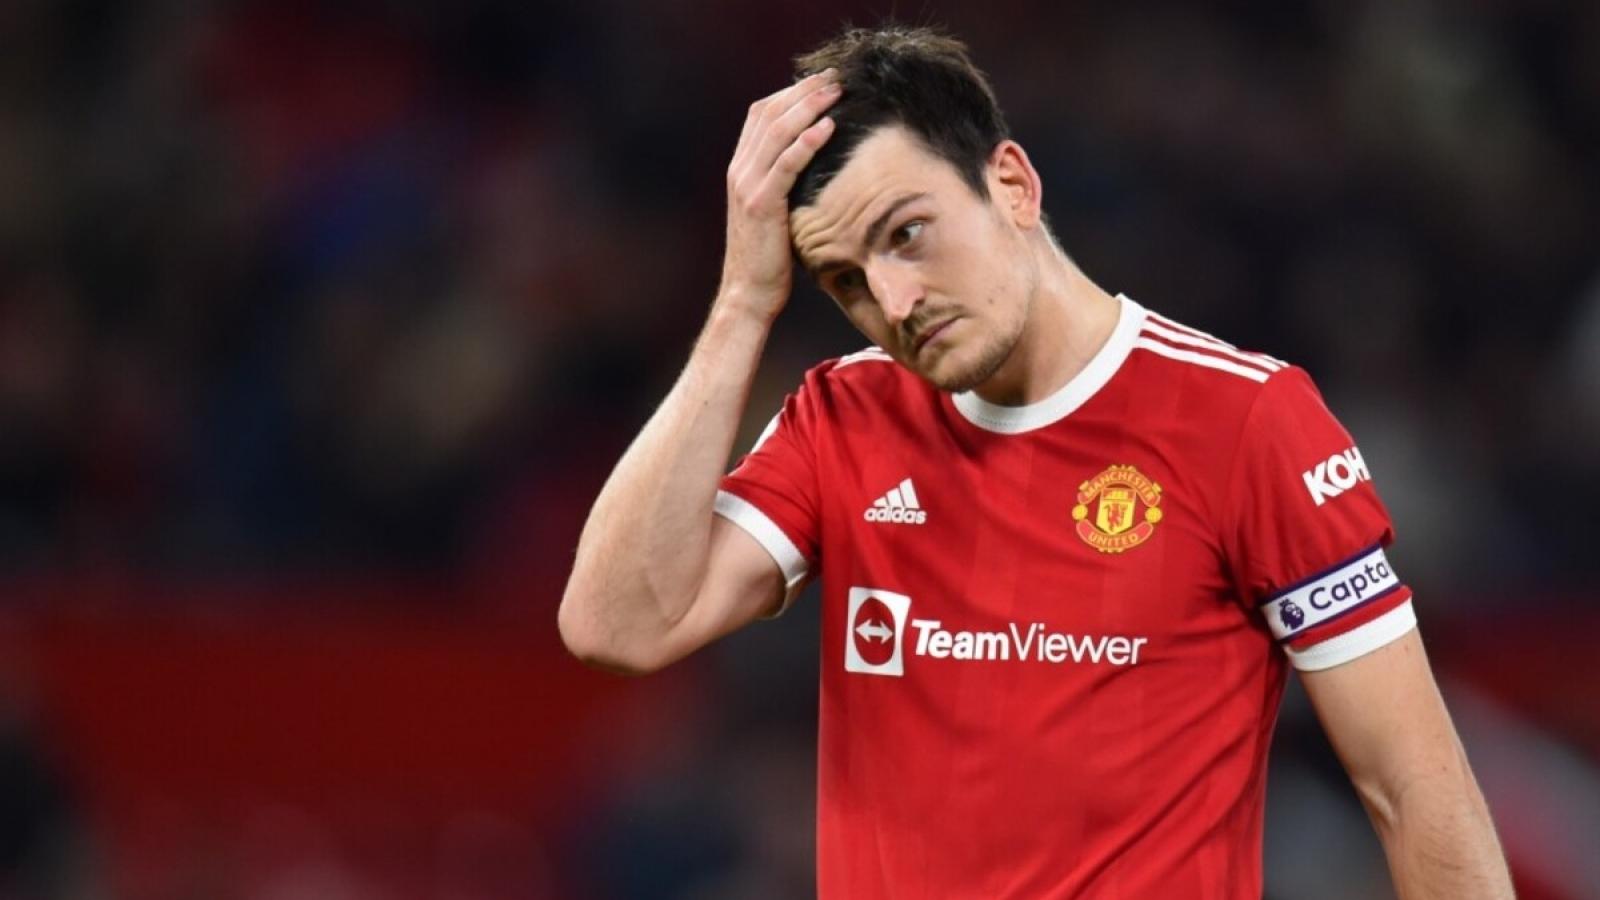 Harry Maguire xin lỗi người hâm mộ MU sau trận thua thảm Liverpool